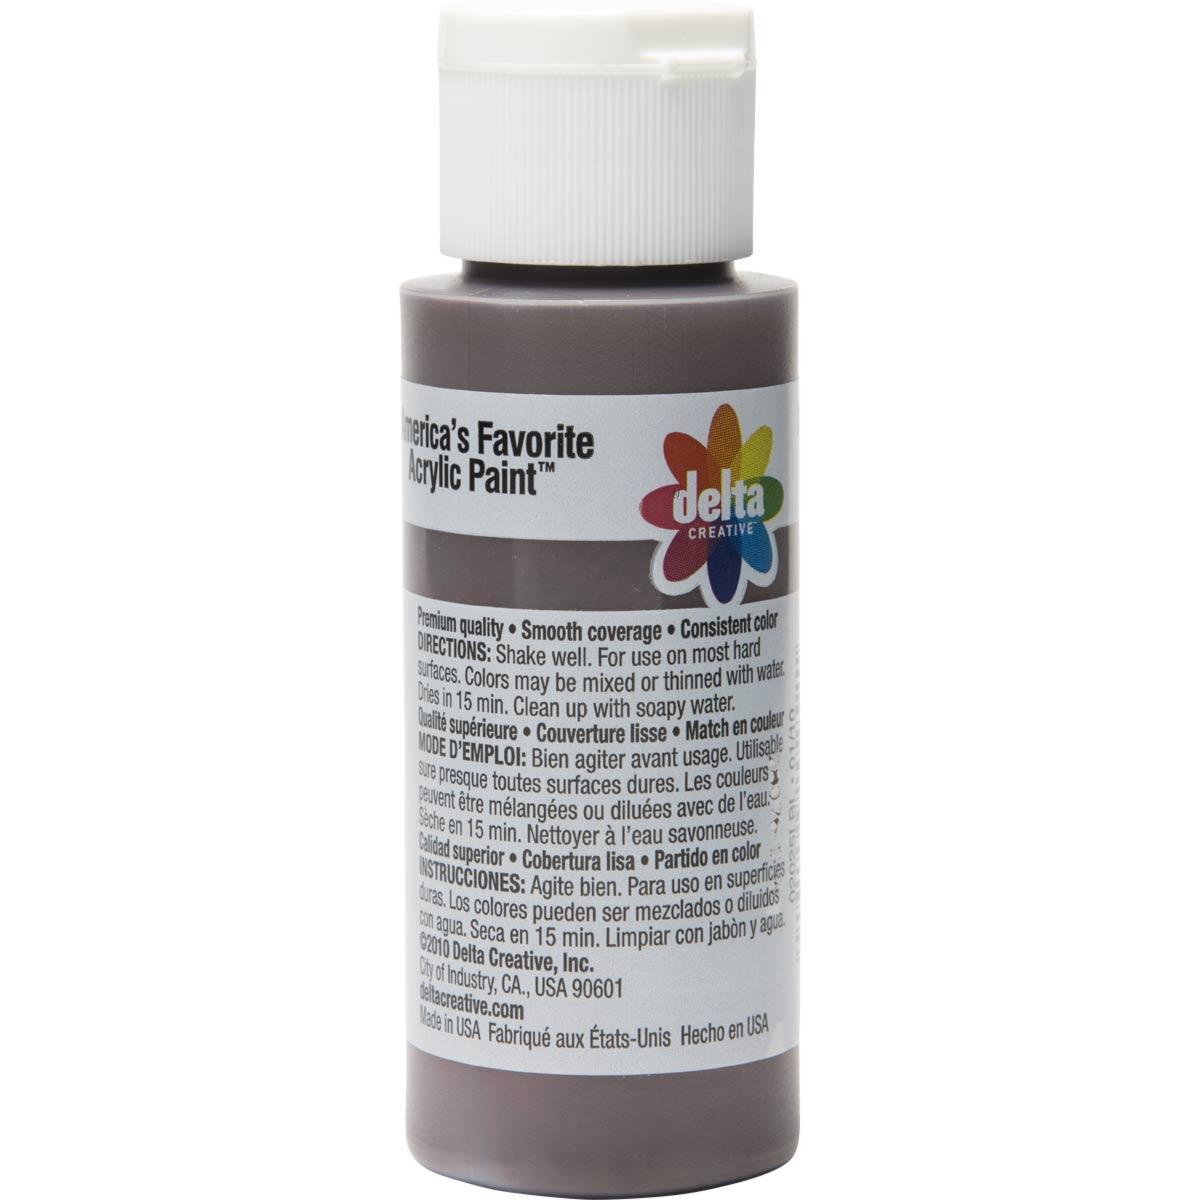 Delta Ceramcoat ® Acrylic Paint - Burnt Umber, 2 oz. - 020250202W